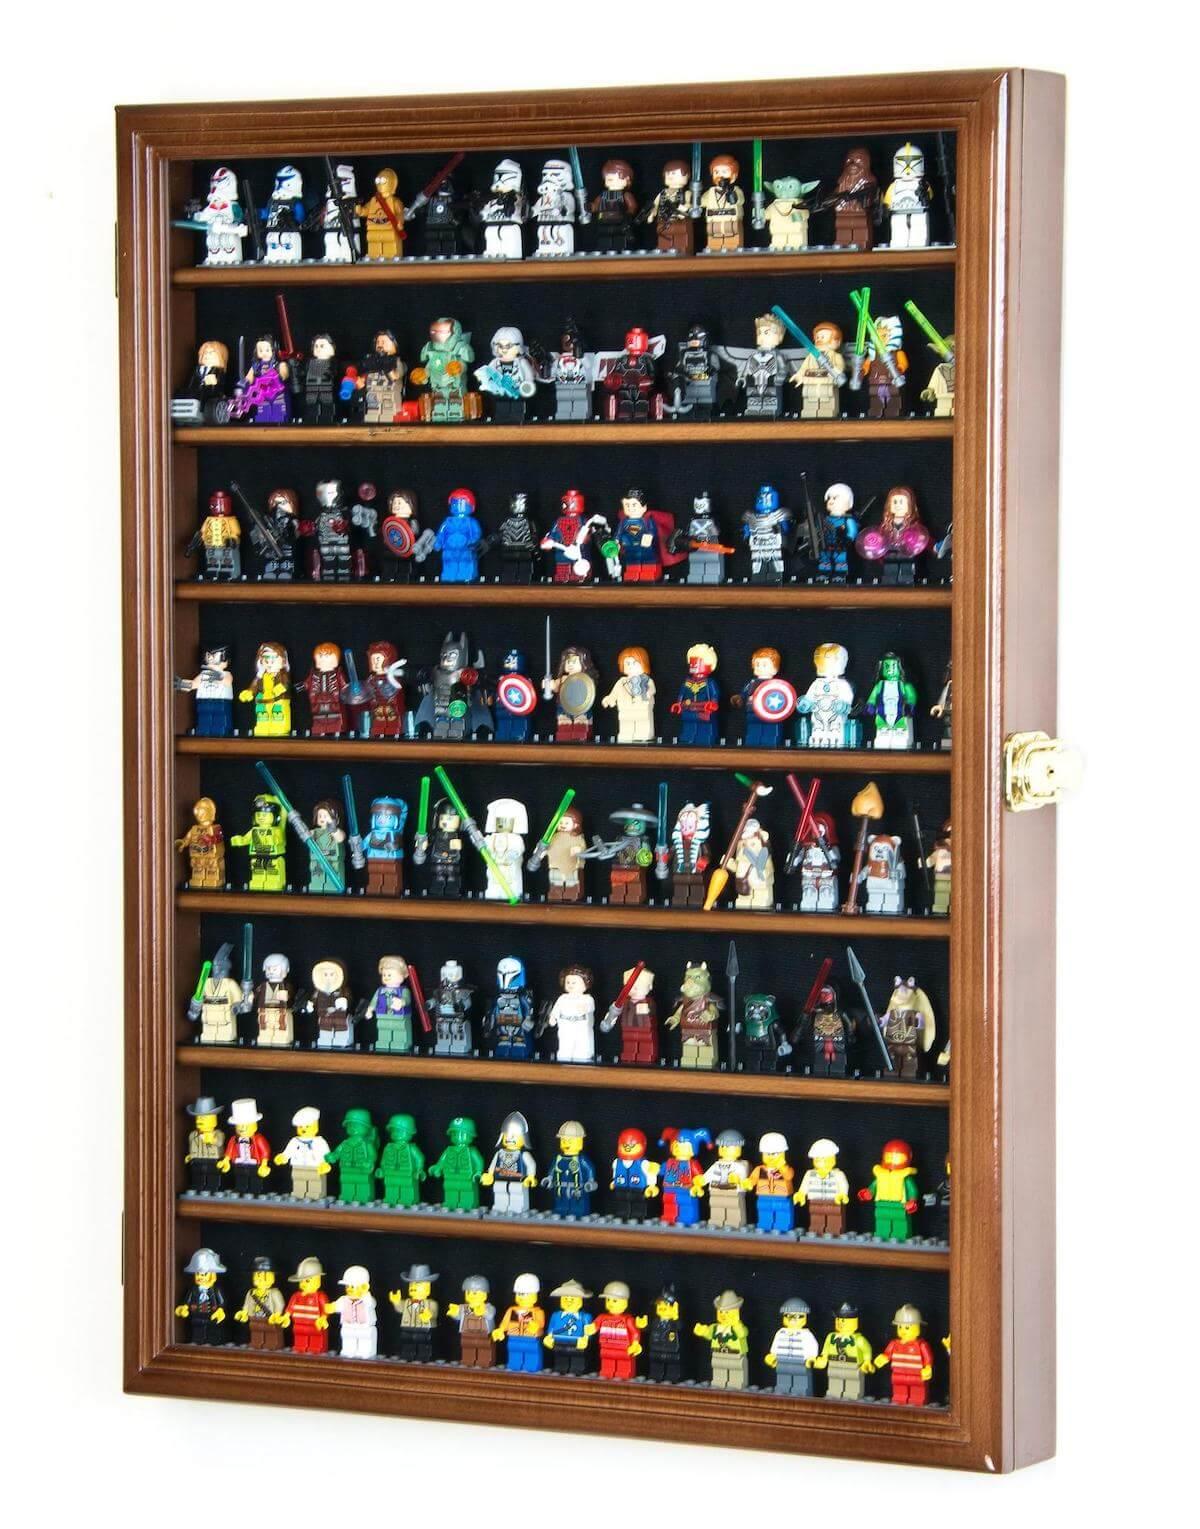 Il 1588xn. 1626182990 mnp0 1 the best lego storage ideas (plus storage ideas for built sets